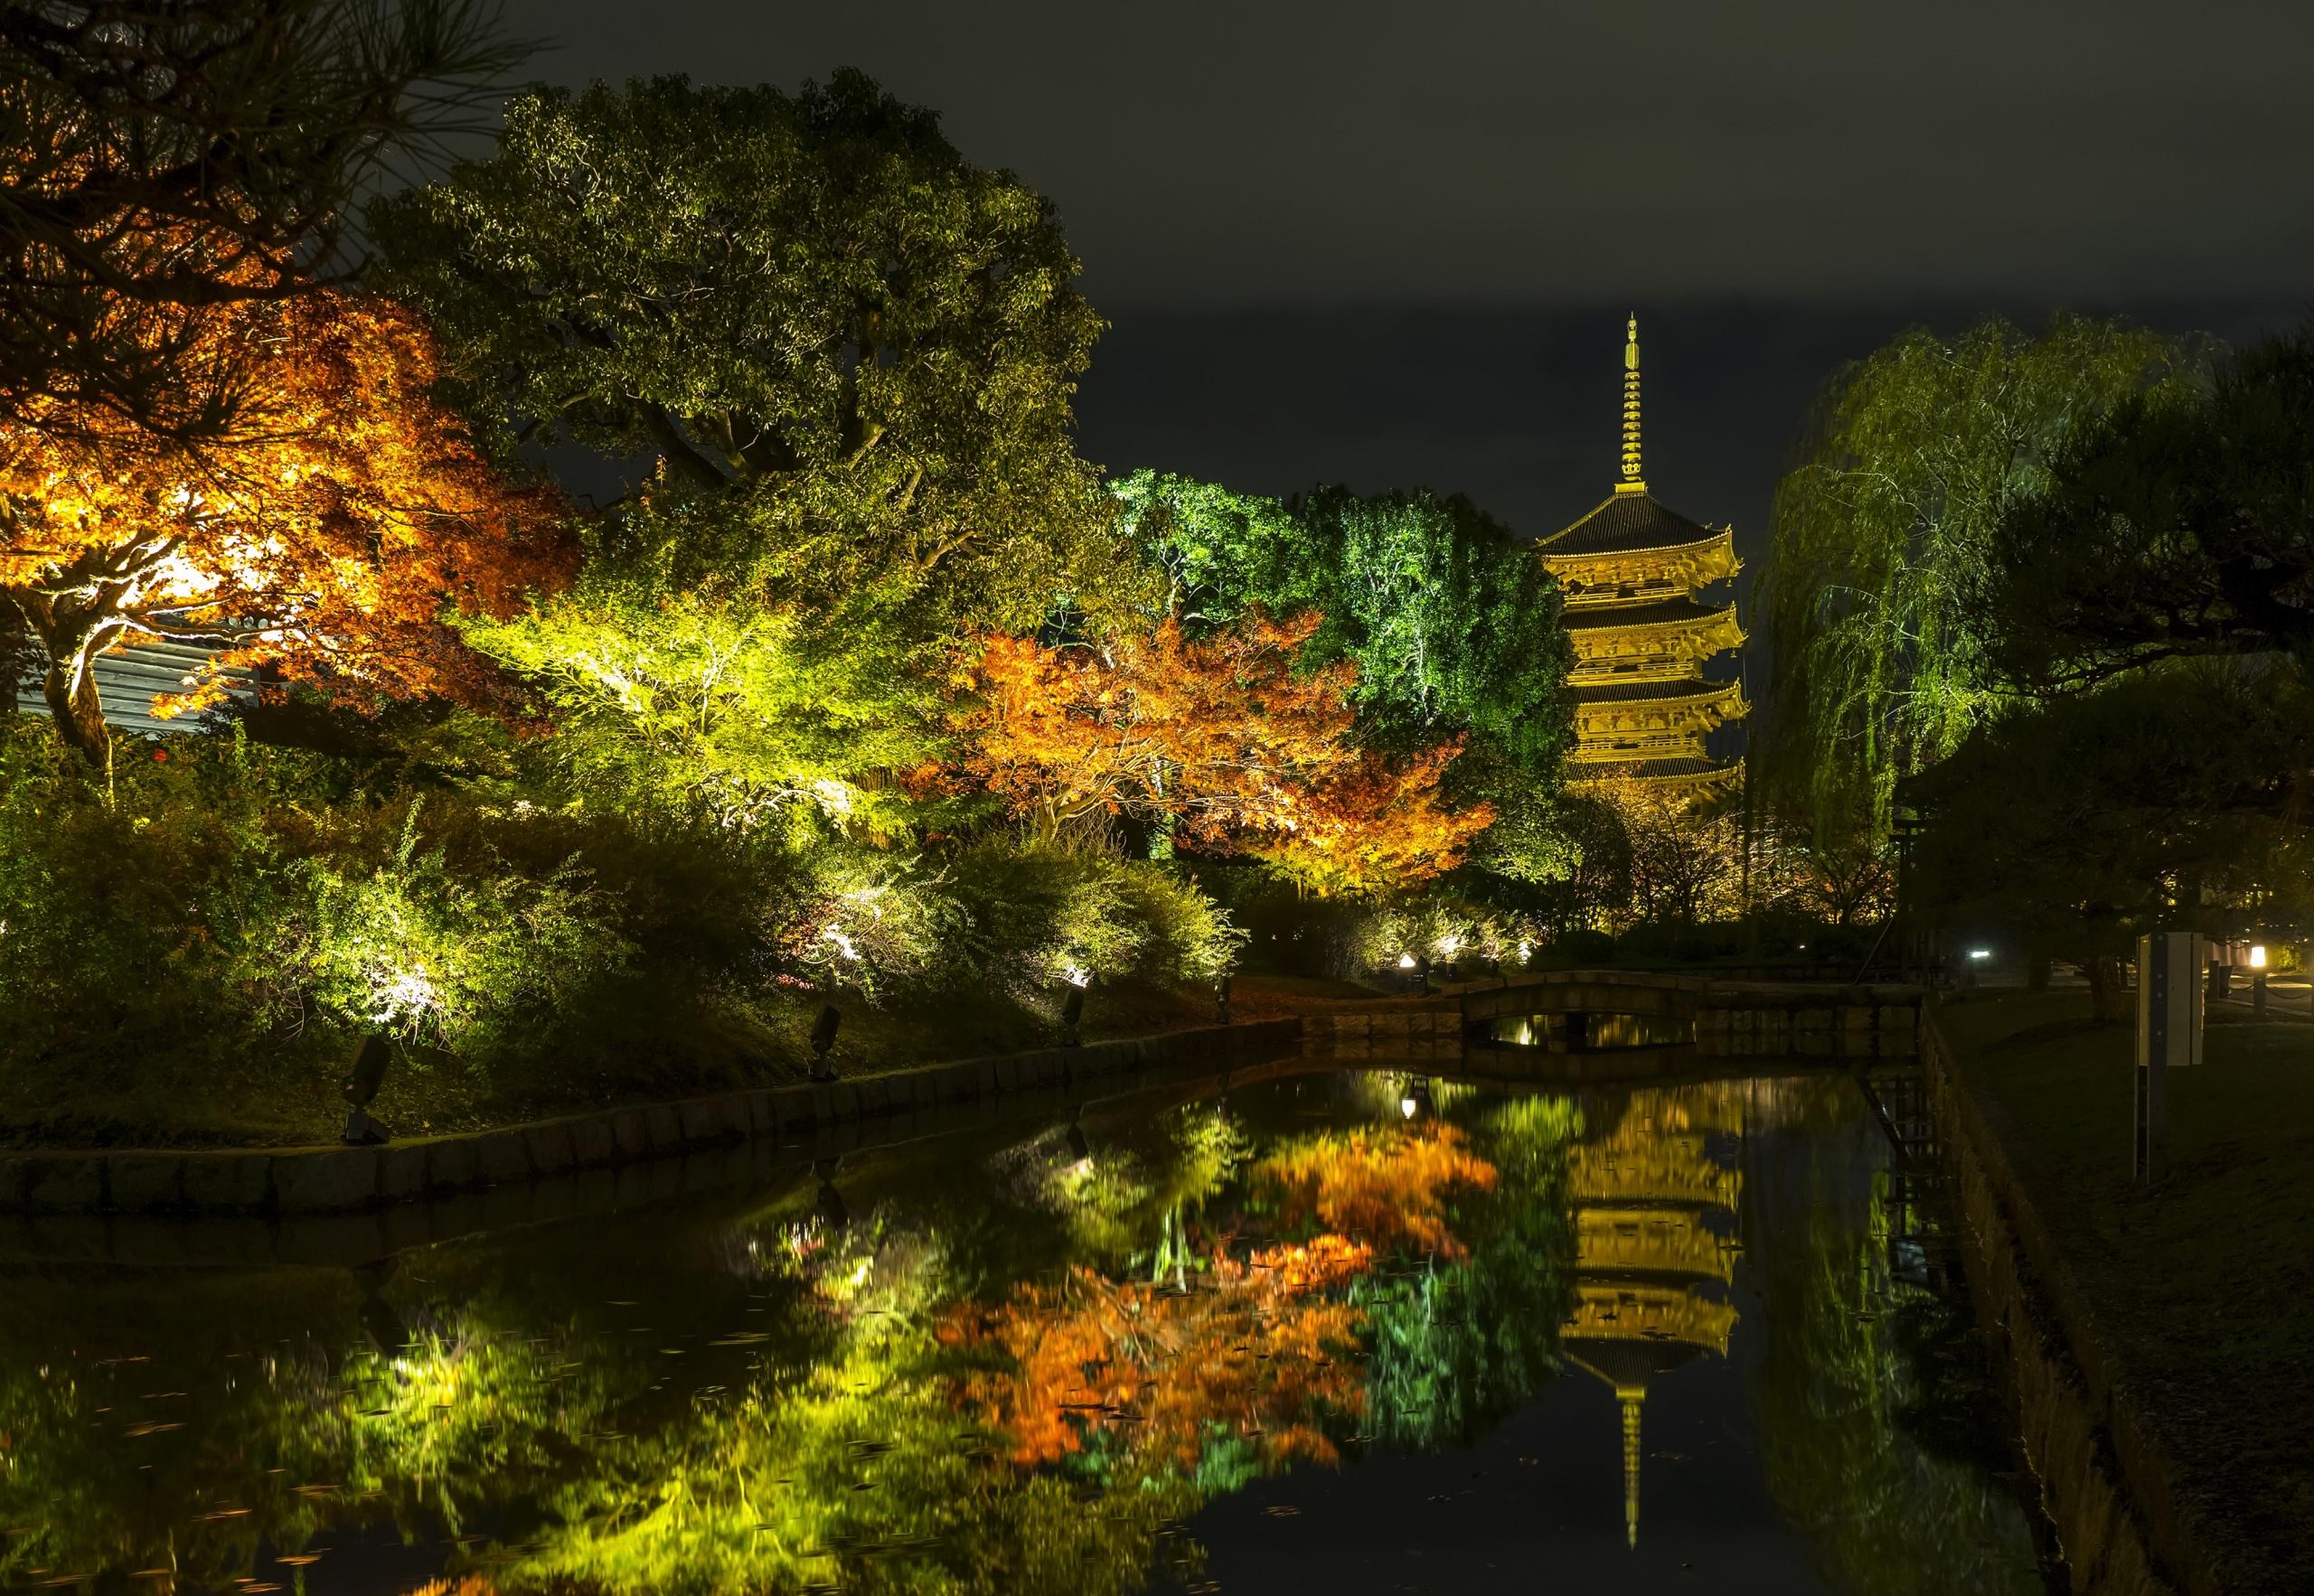 2560x1766、日本、京都市、秋、公園、池、木、夜、街灯、自然